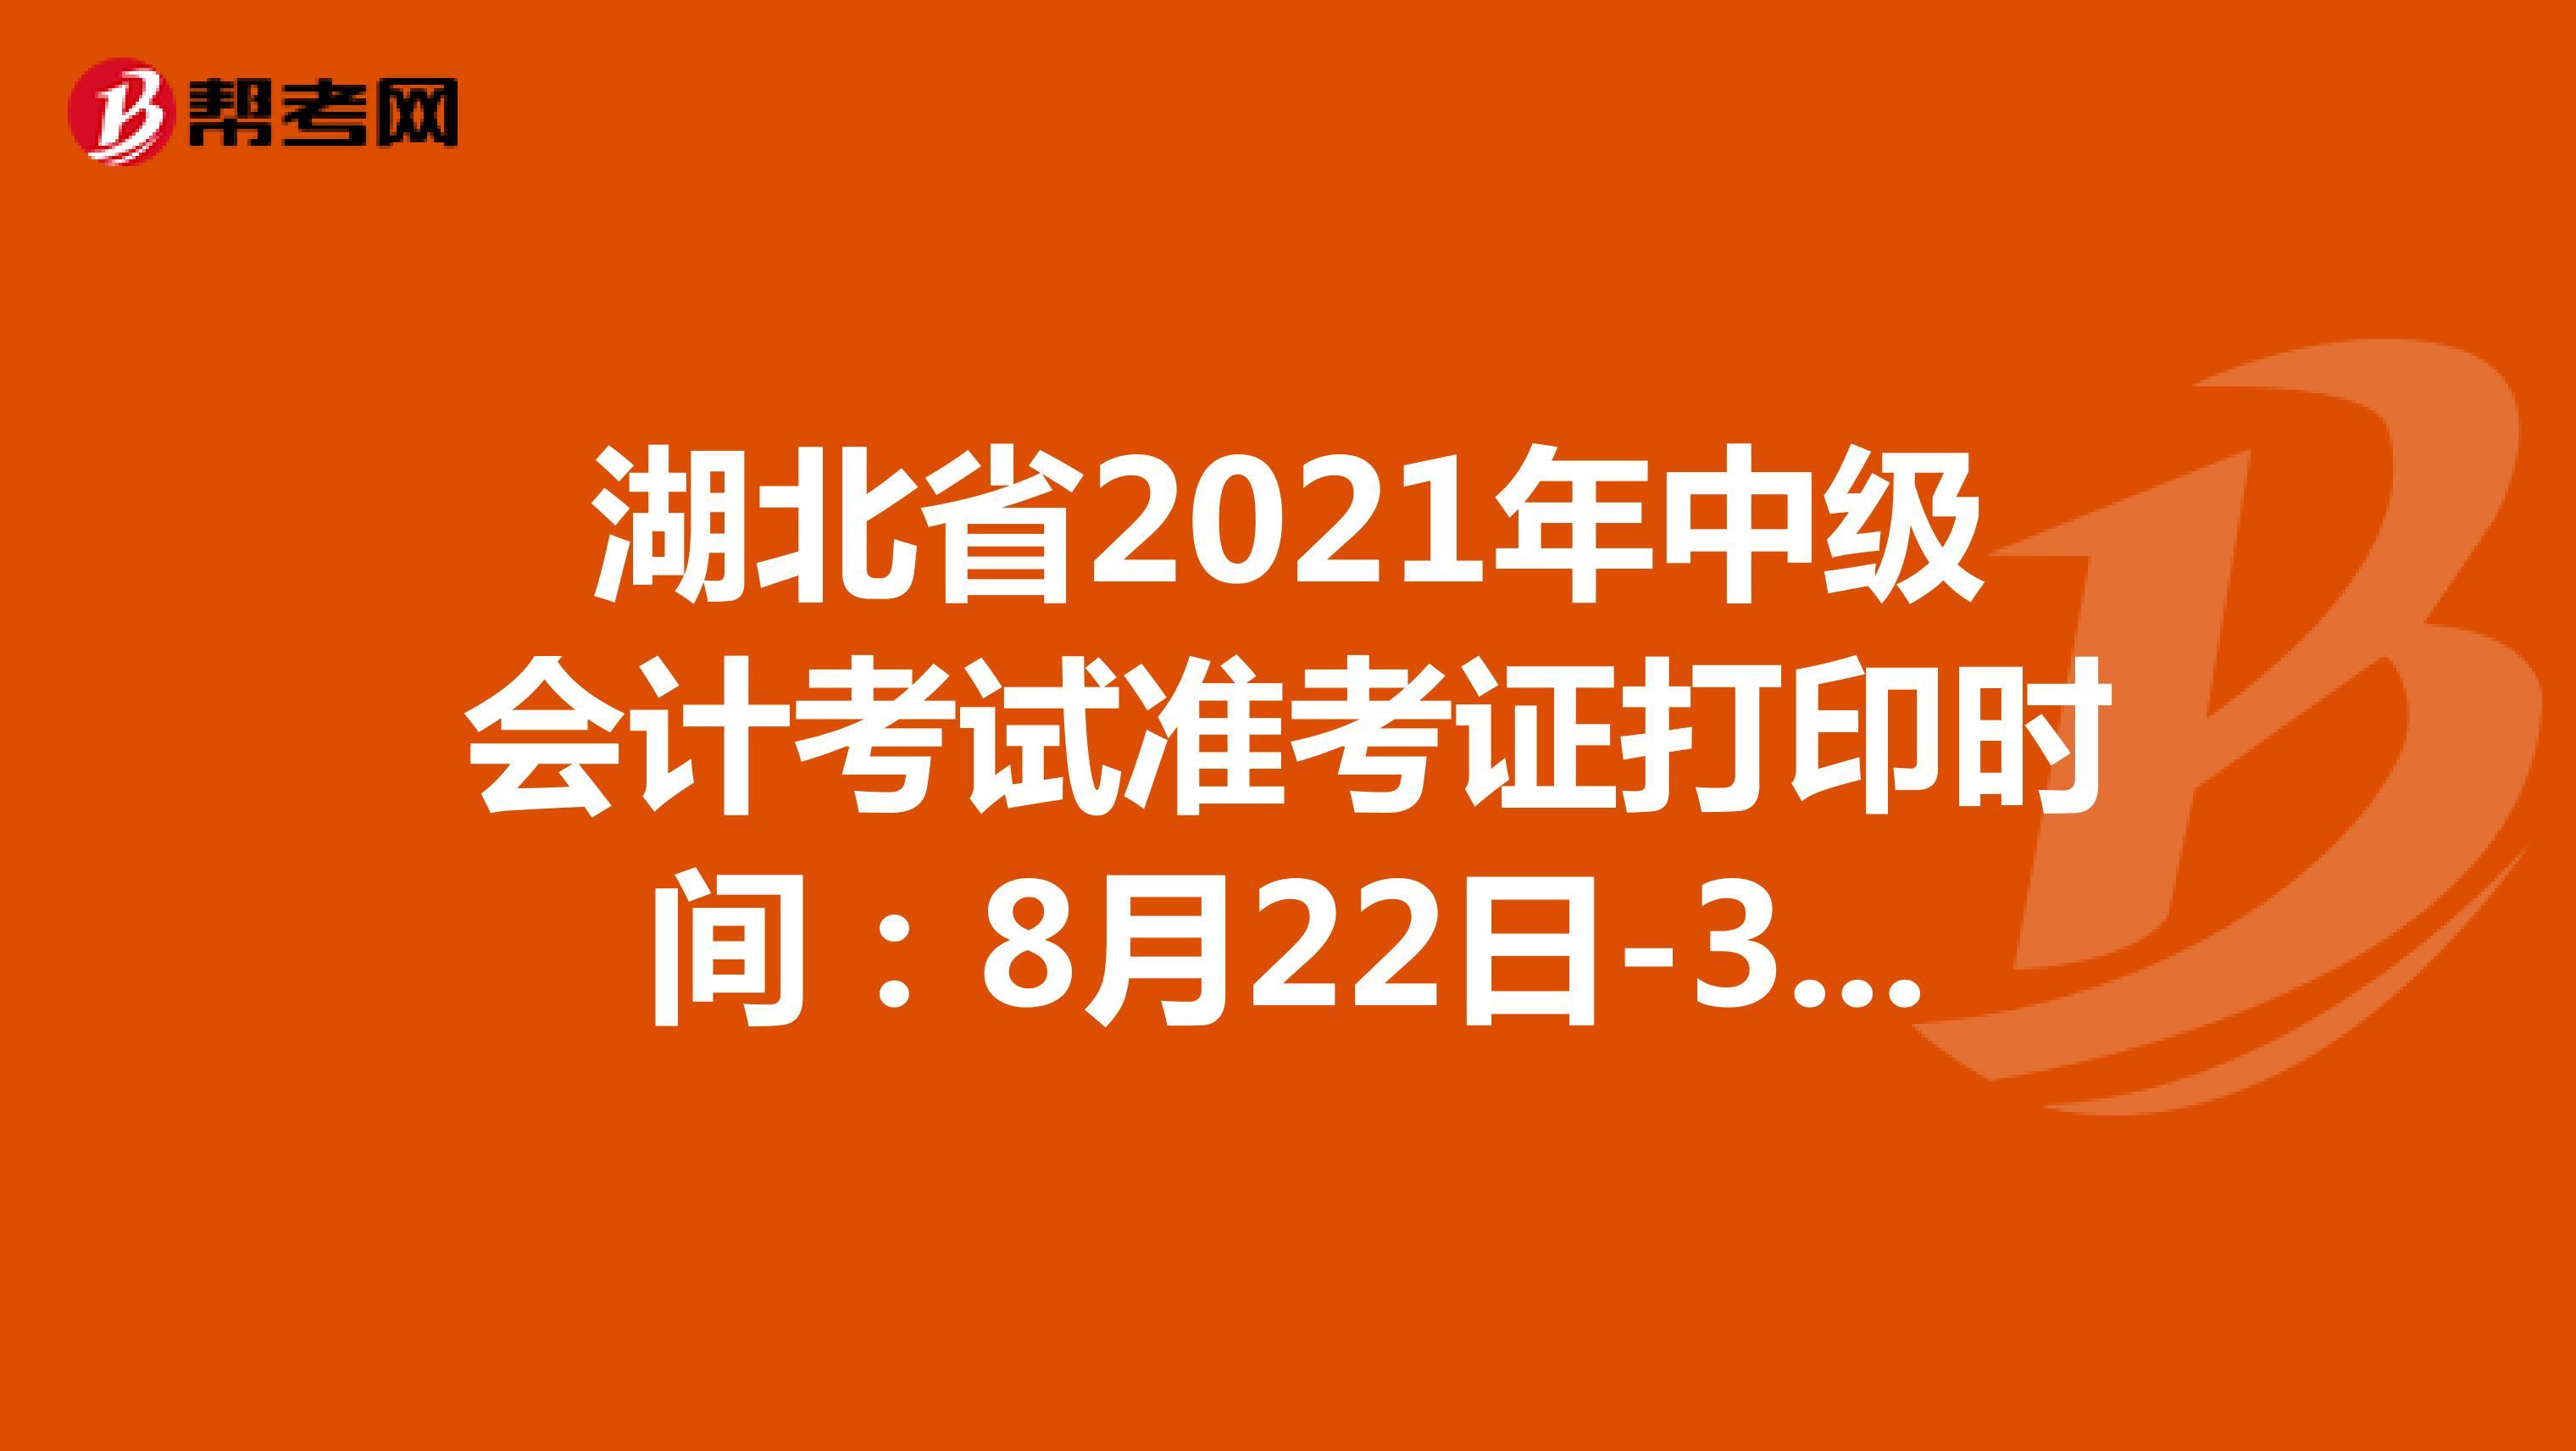 湖北省2021年中级会计考试准考证打印时间:8月22日-31日